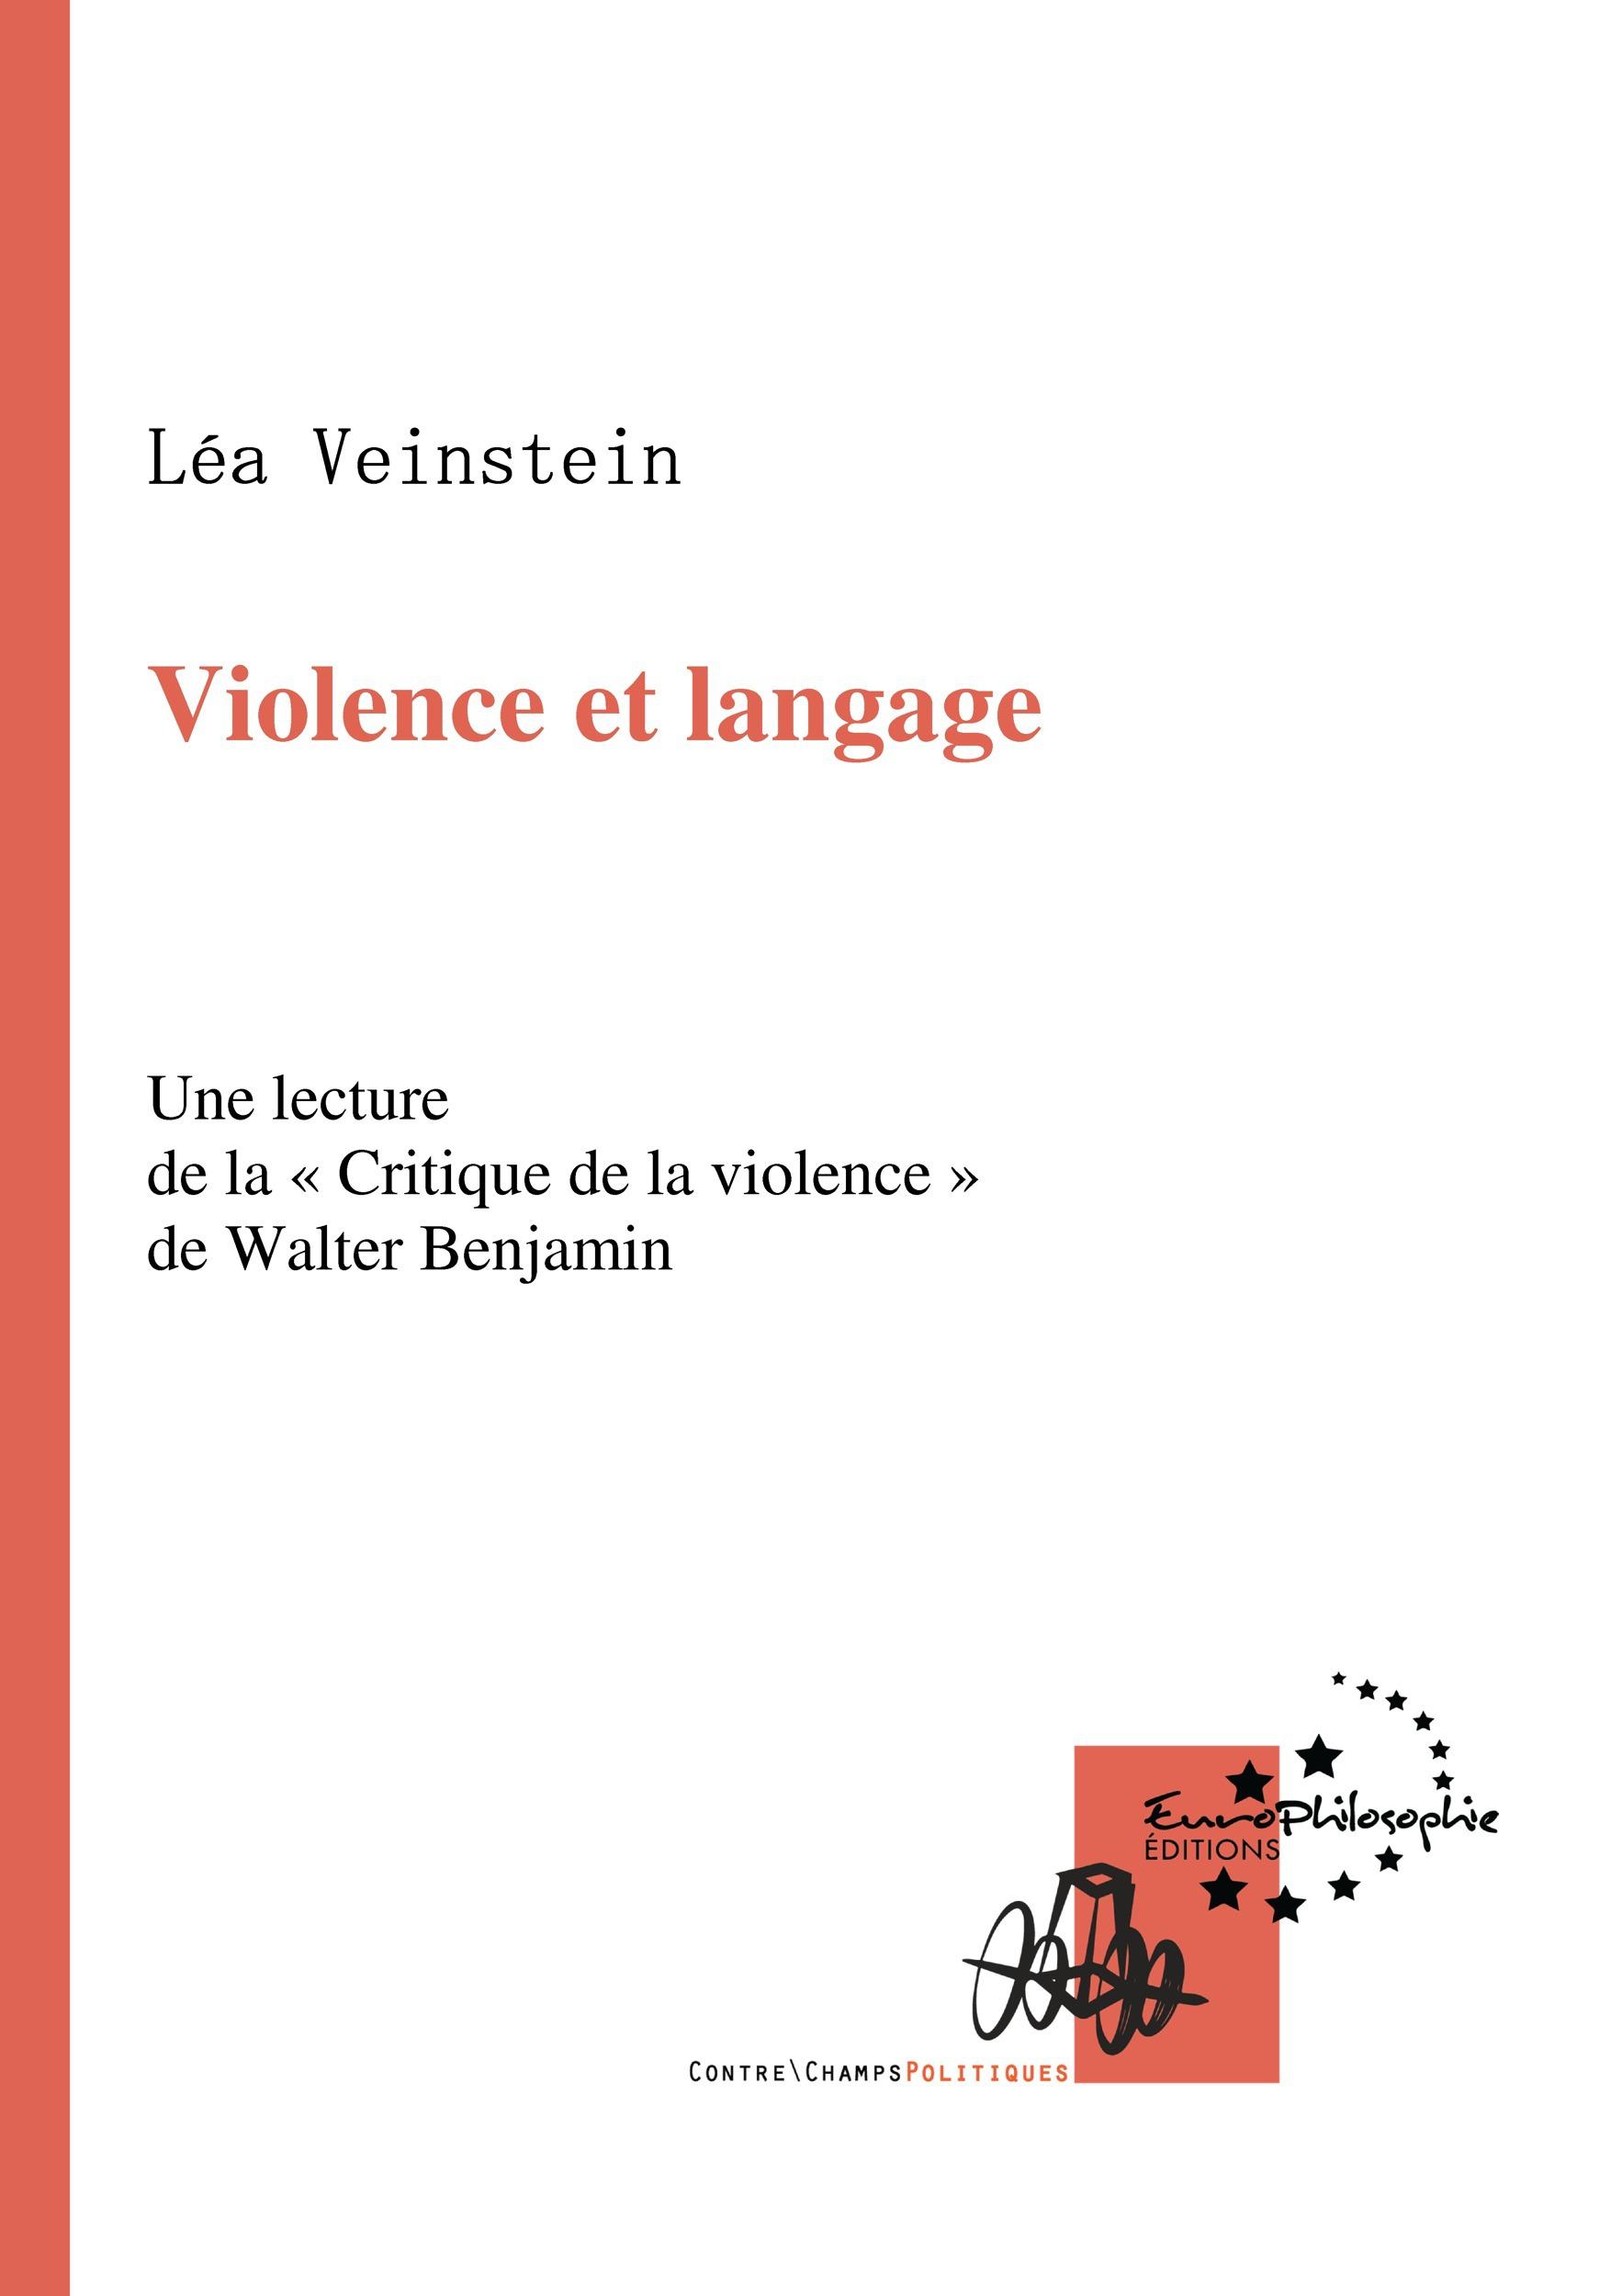 Violence et langage